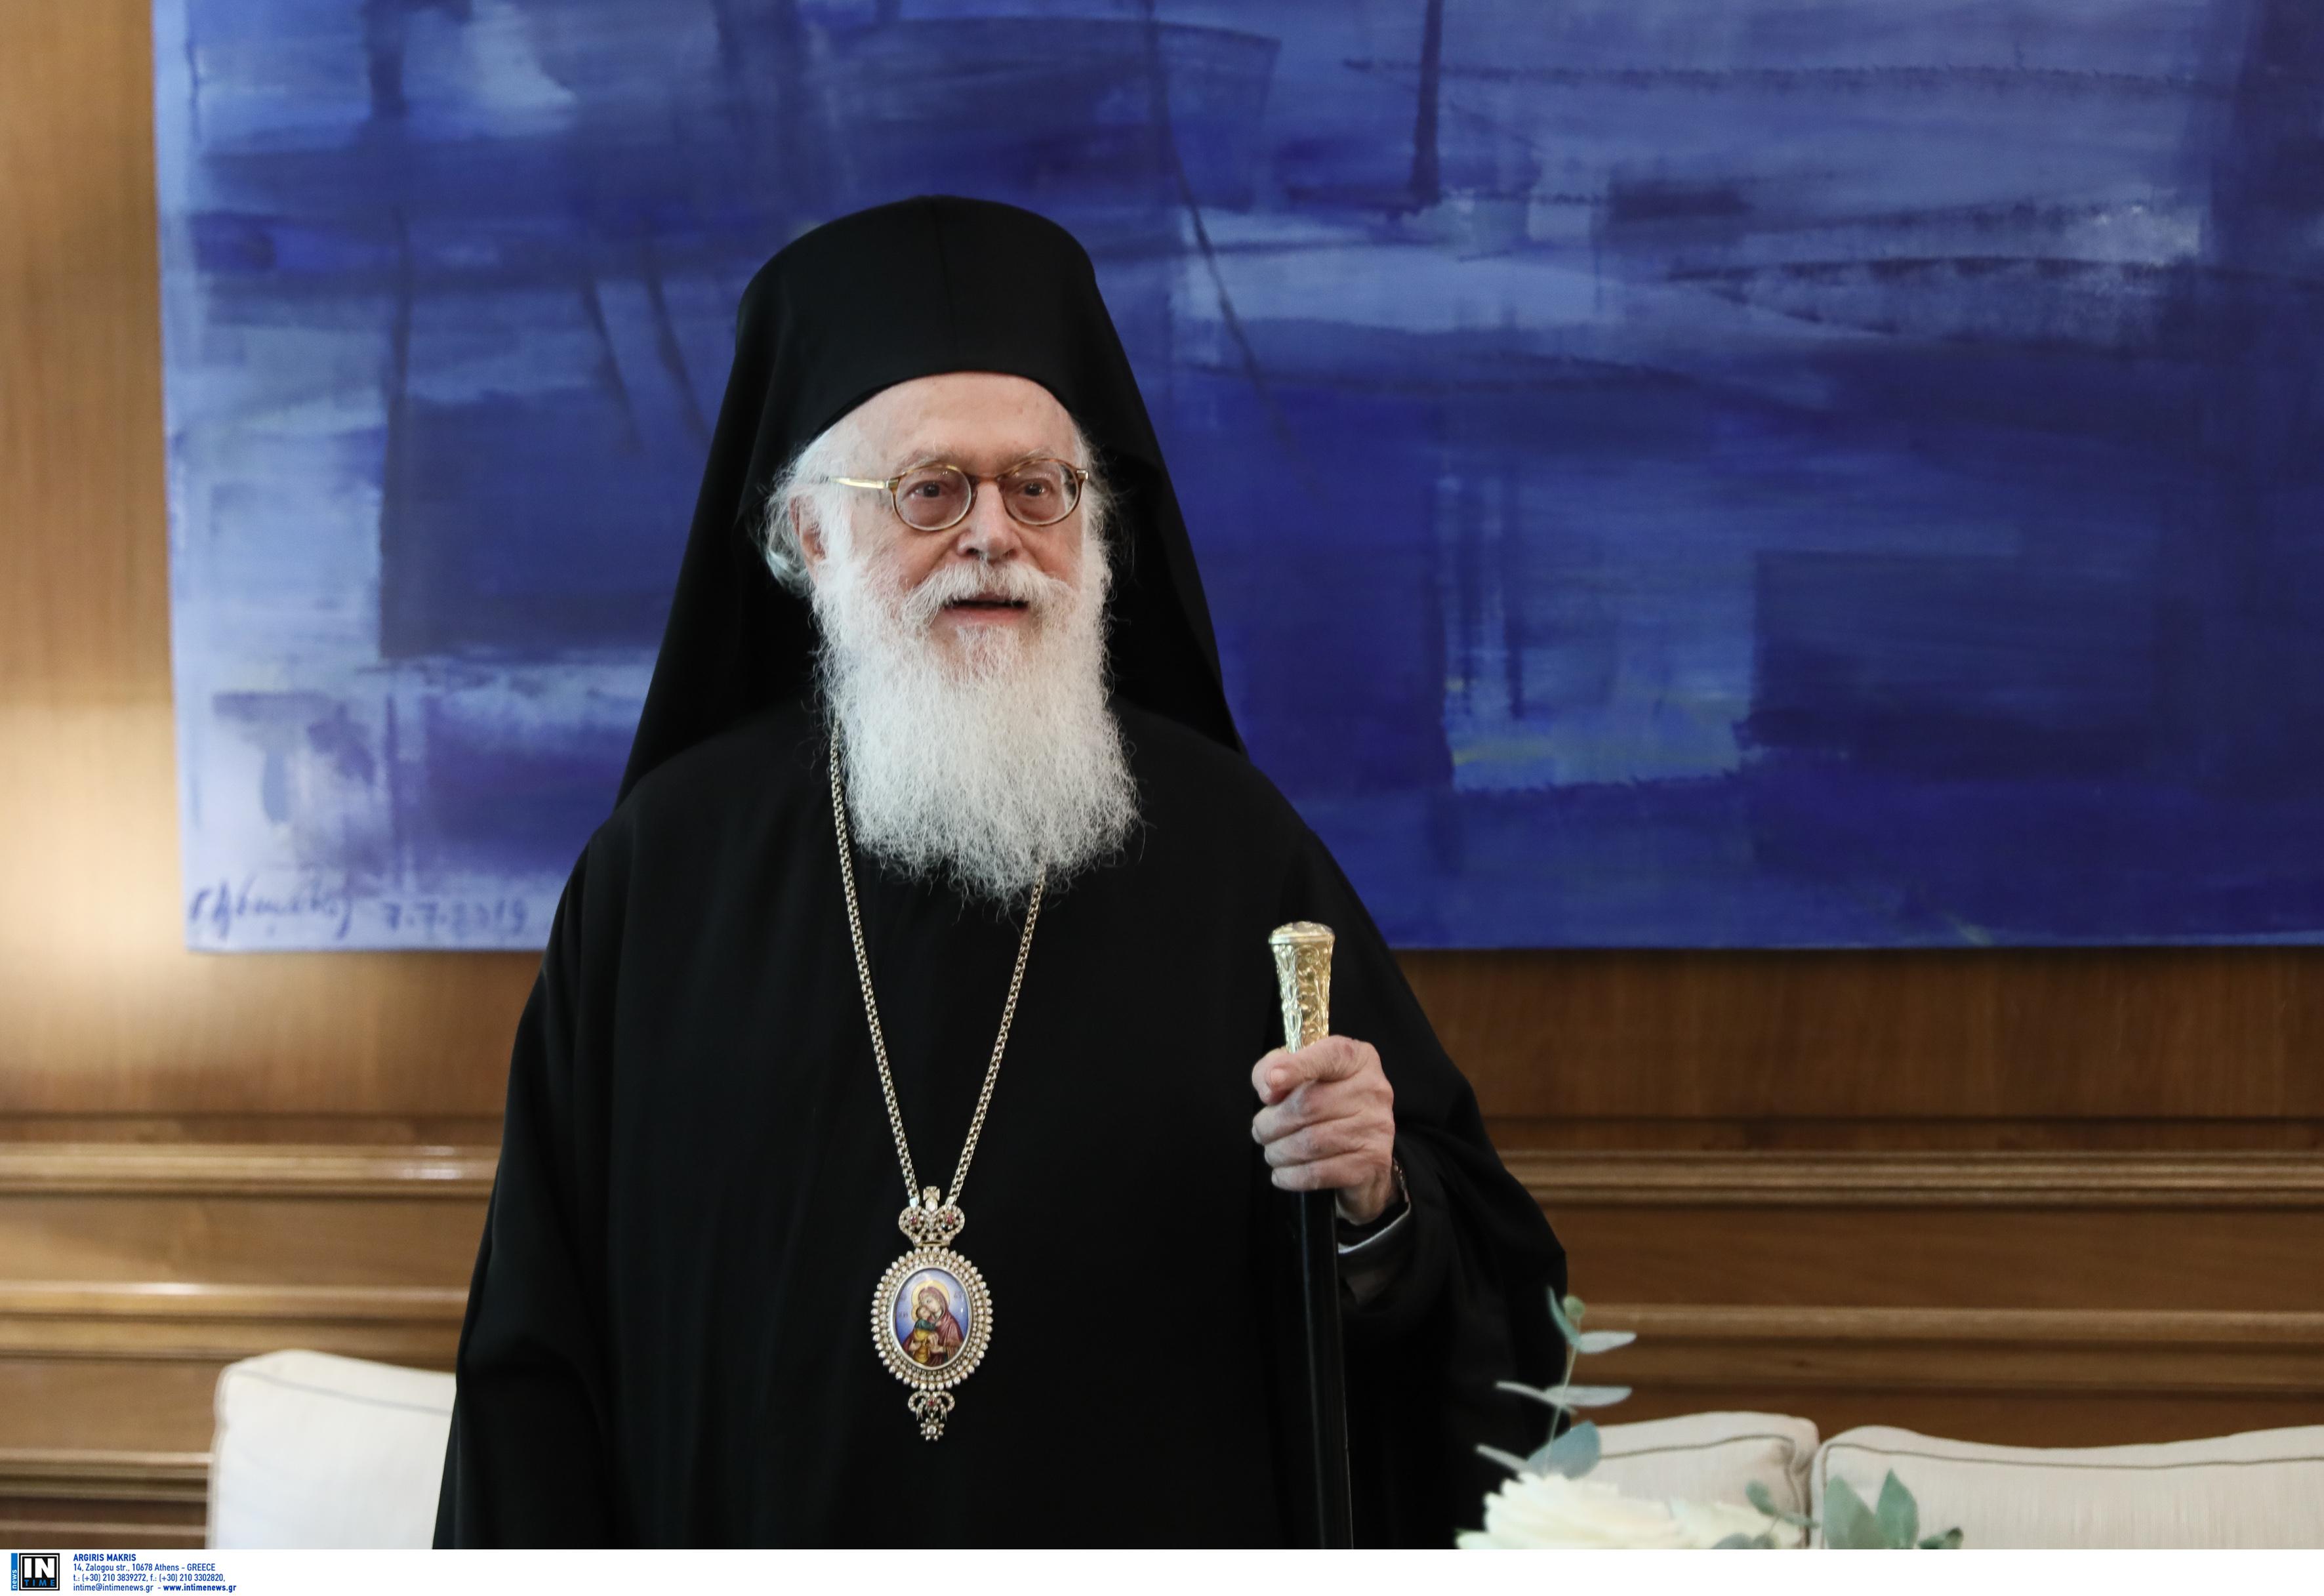 Αγωνία για τον Αρχιεπίσκοπο Αναστάσιο: Βρέθηκε θετικός στον κορονοϊό – Με C130 στην Αθήνα